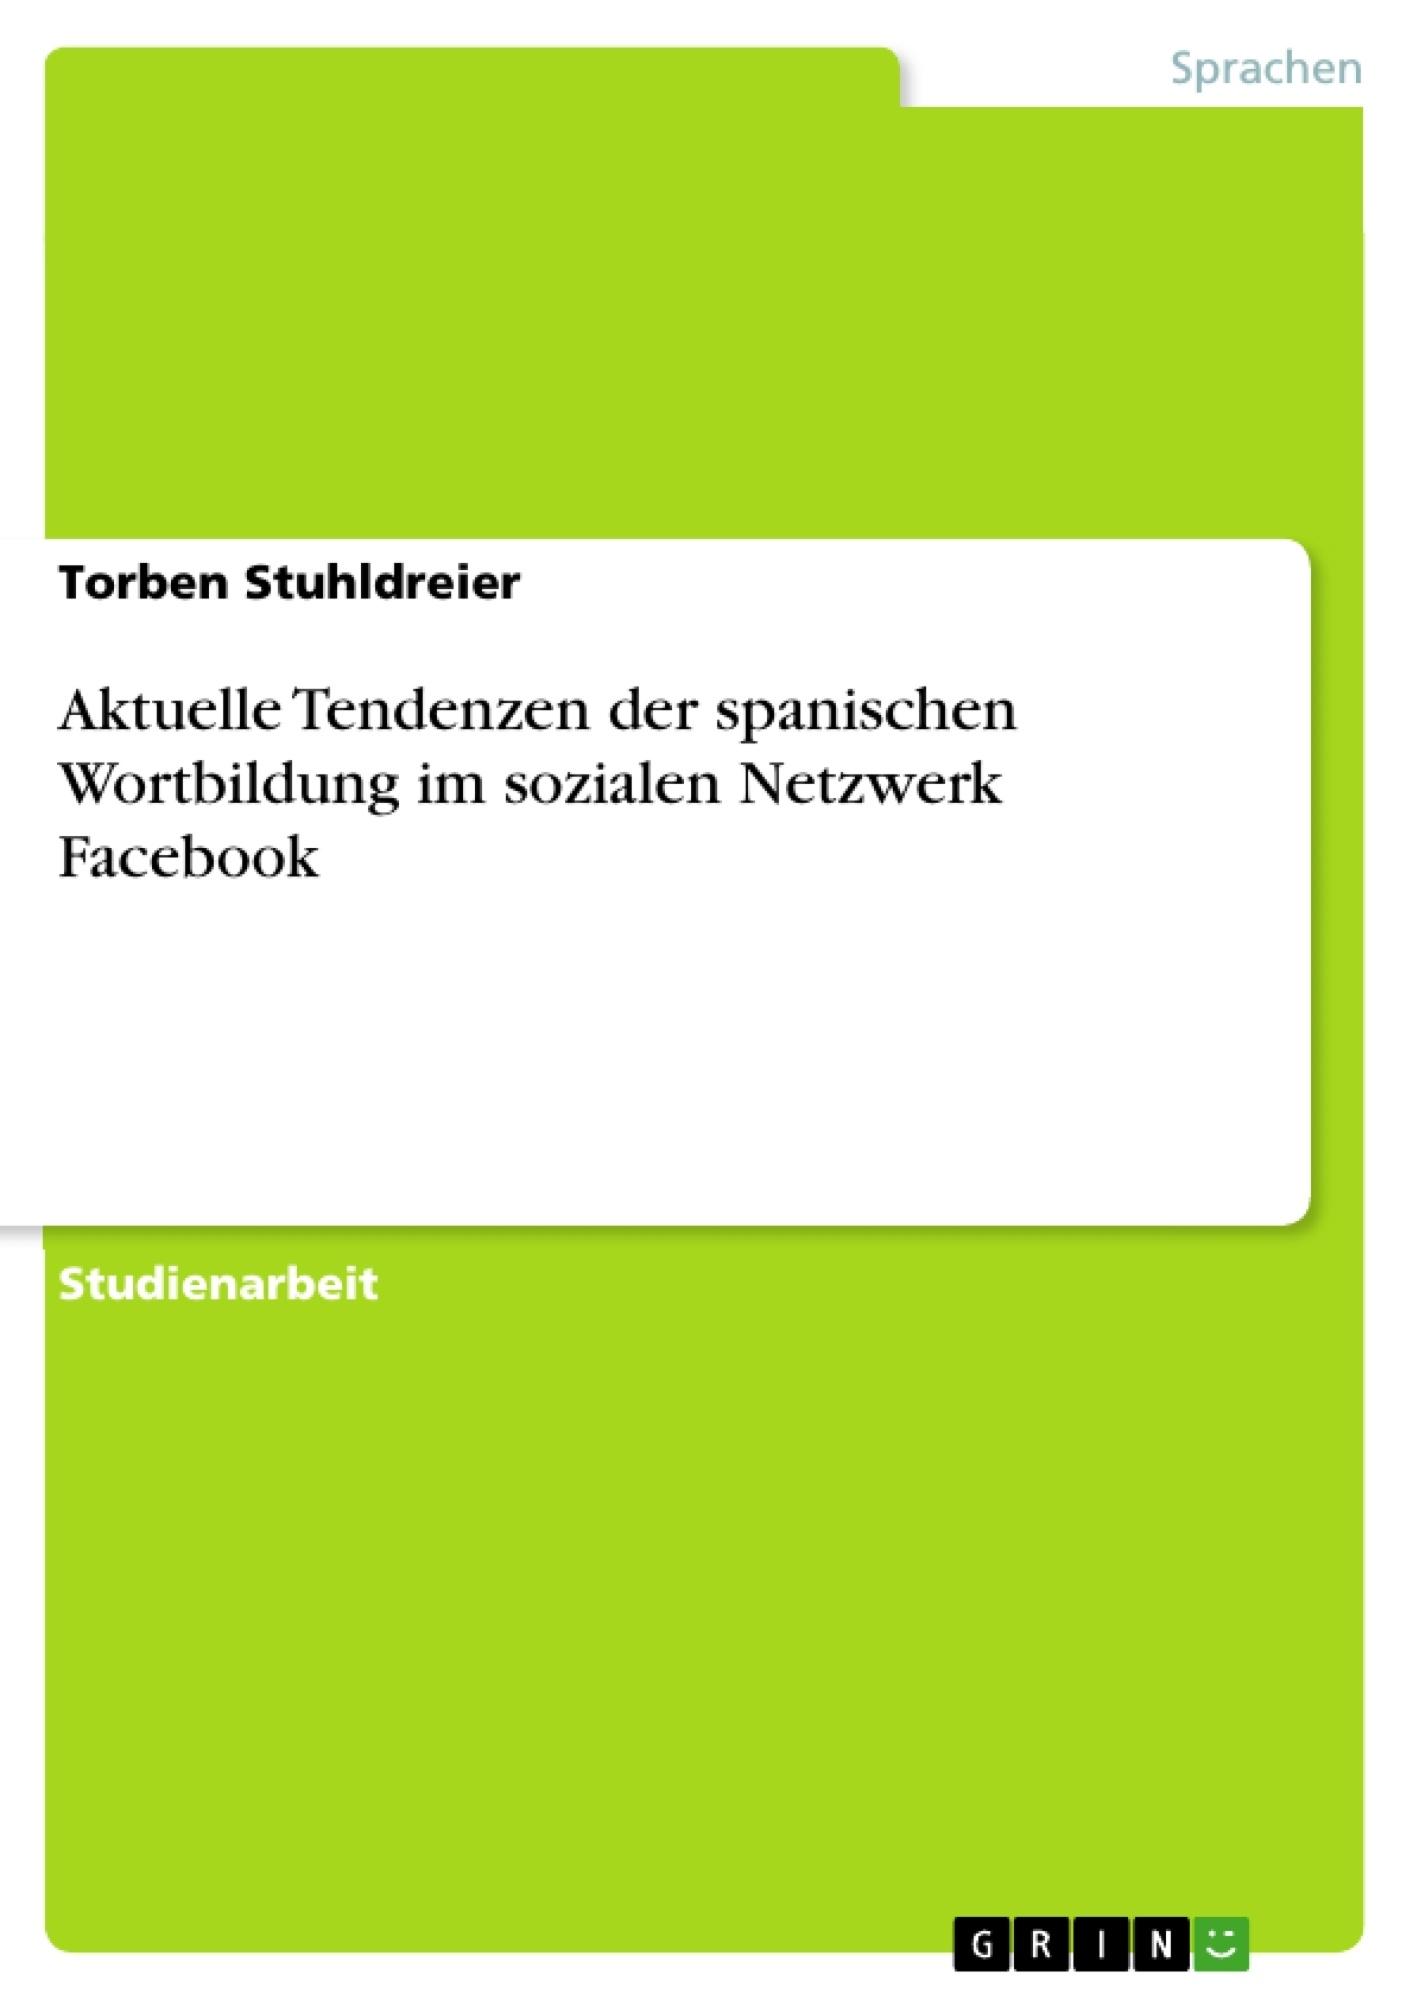 Titel: Aktuelle Tendenzen der spanischen Wortbildung im sozialen Netzwerk Facebook